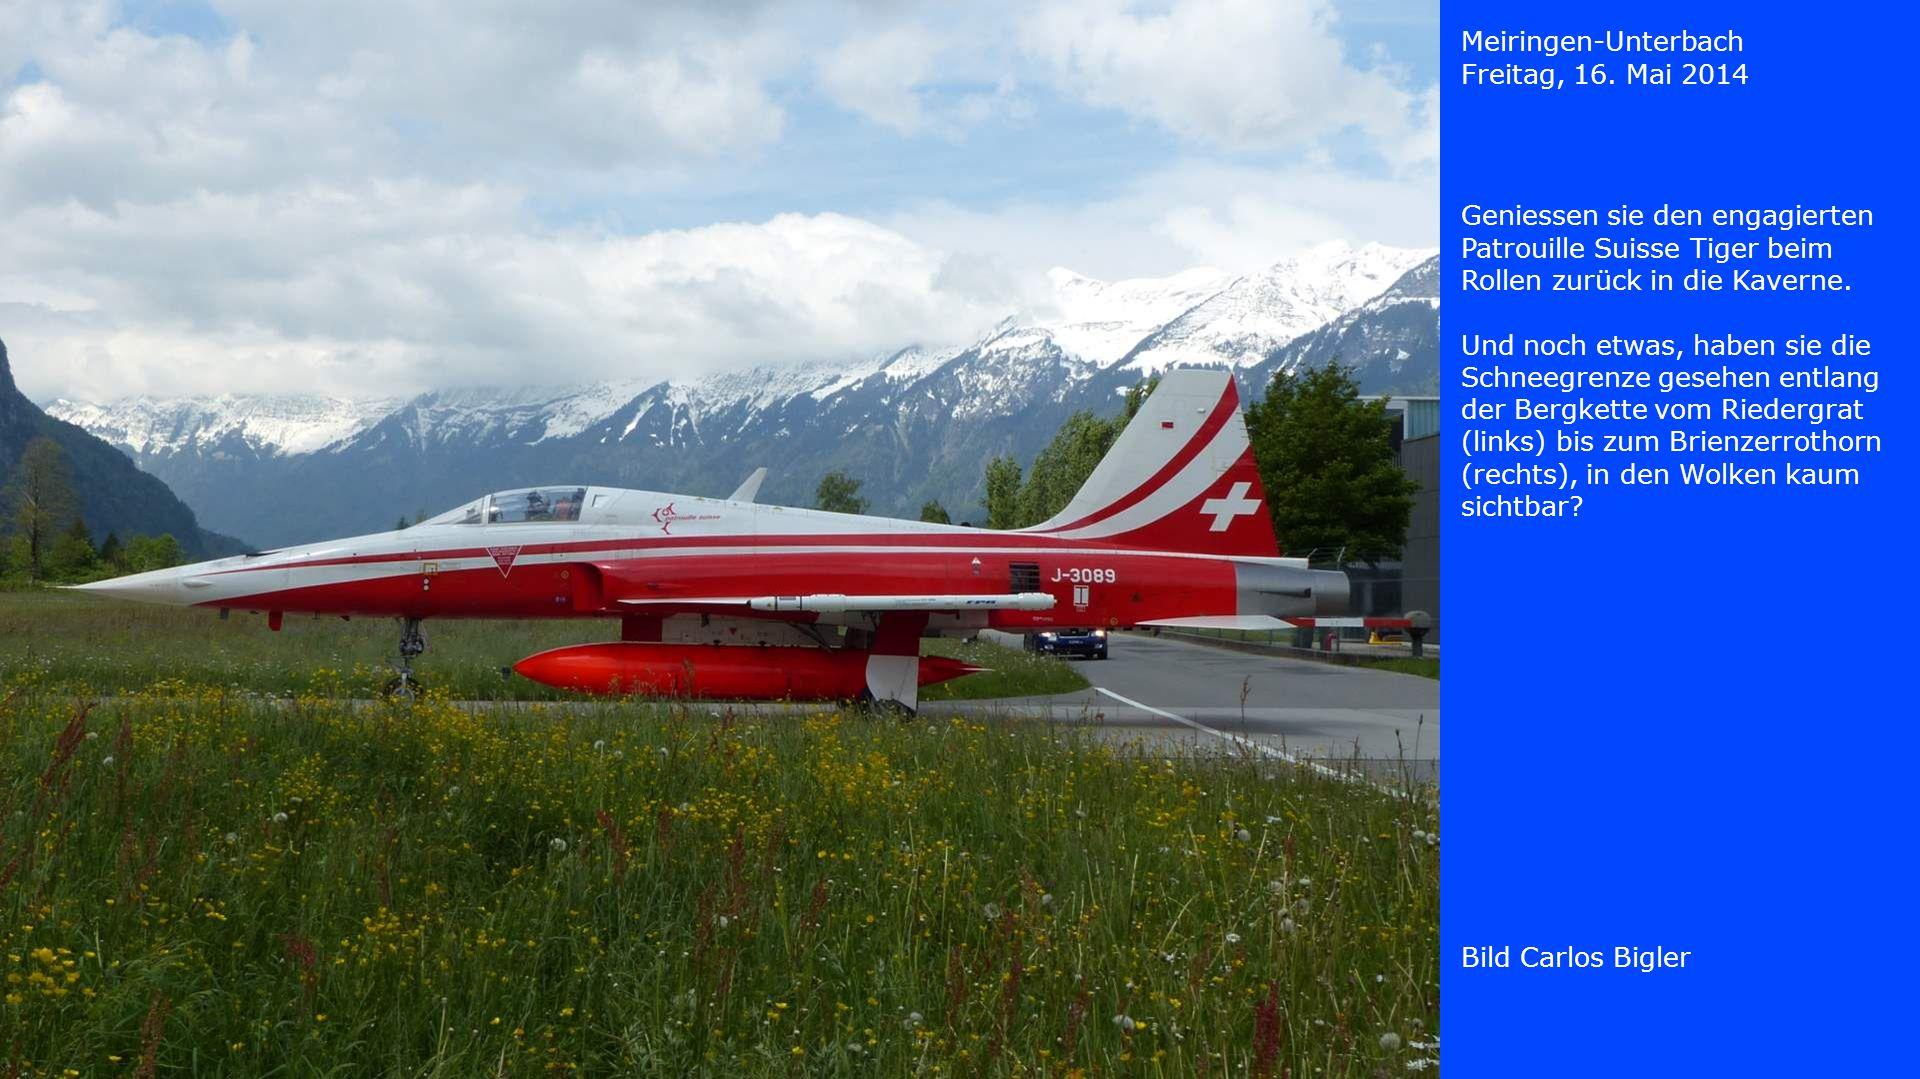 Meiringen-Unterbach Freitag, 16. Mai 2014. Geniessen sie den engagierten Patrouille Suisse Tiger beim Rollen zurück in die Kaverne.